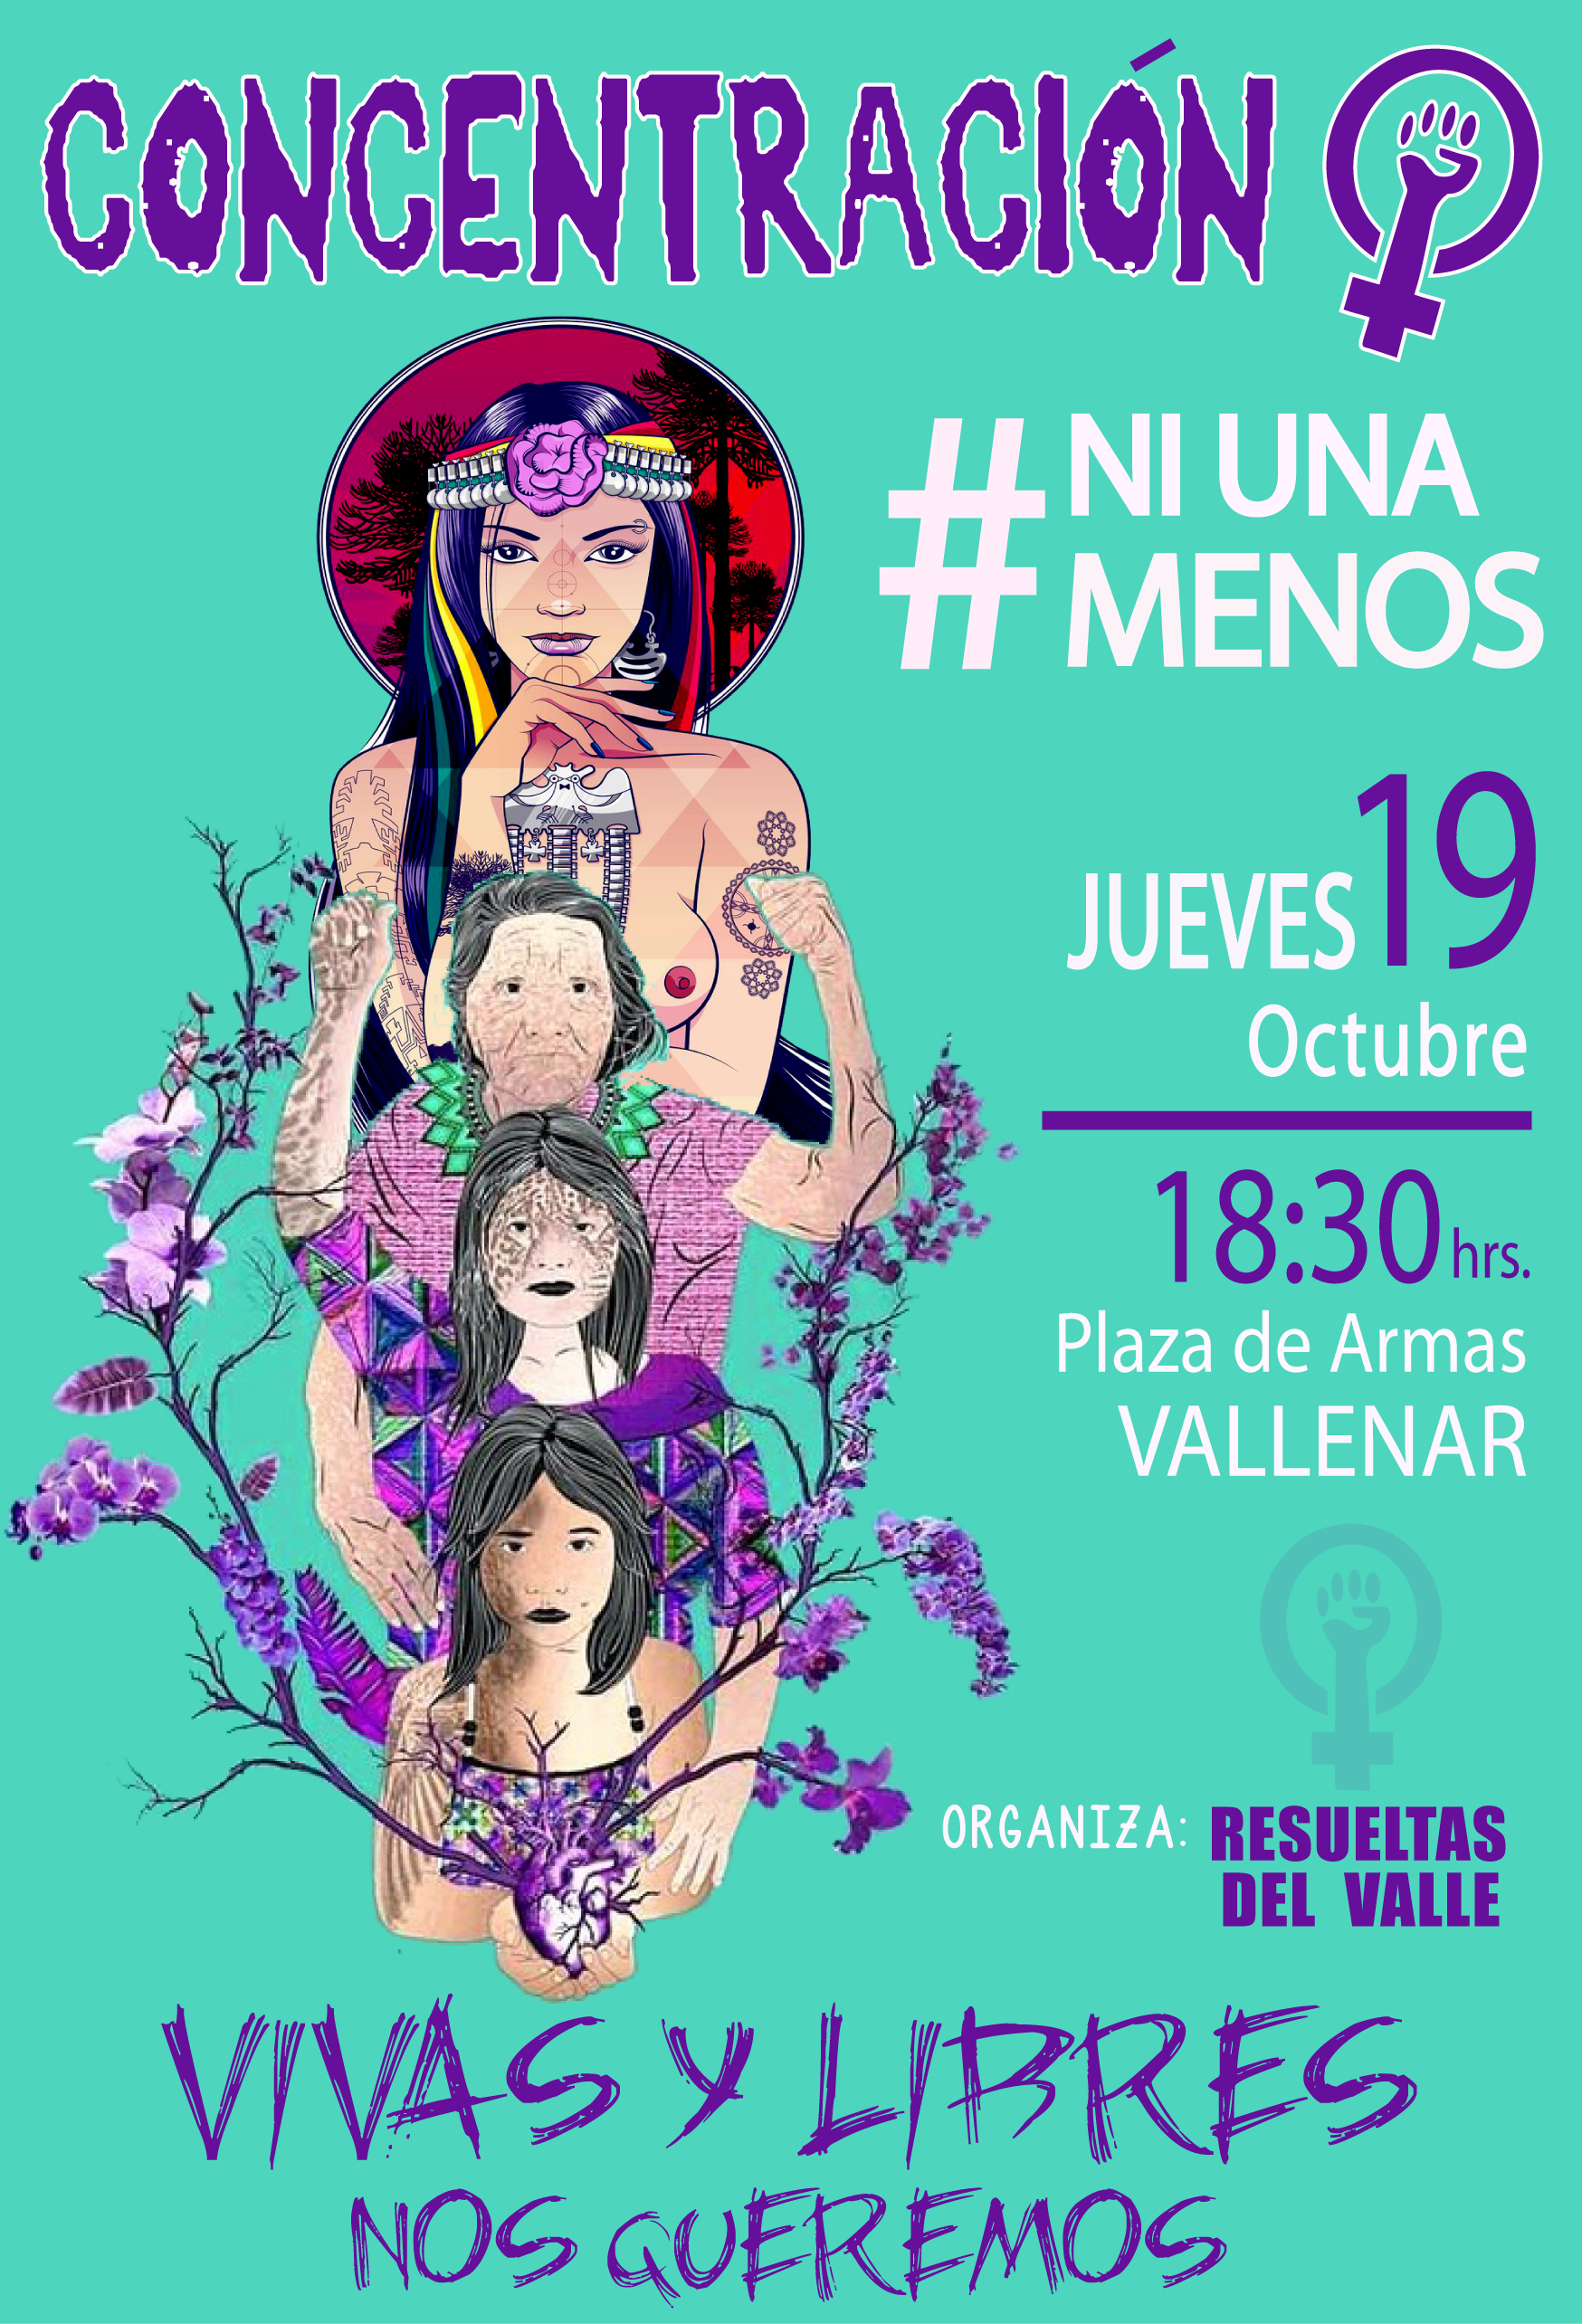 Invitan a concentración para visibilizar la violencia contra la mujer en Vallenar